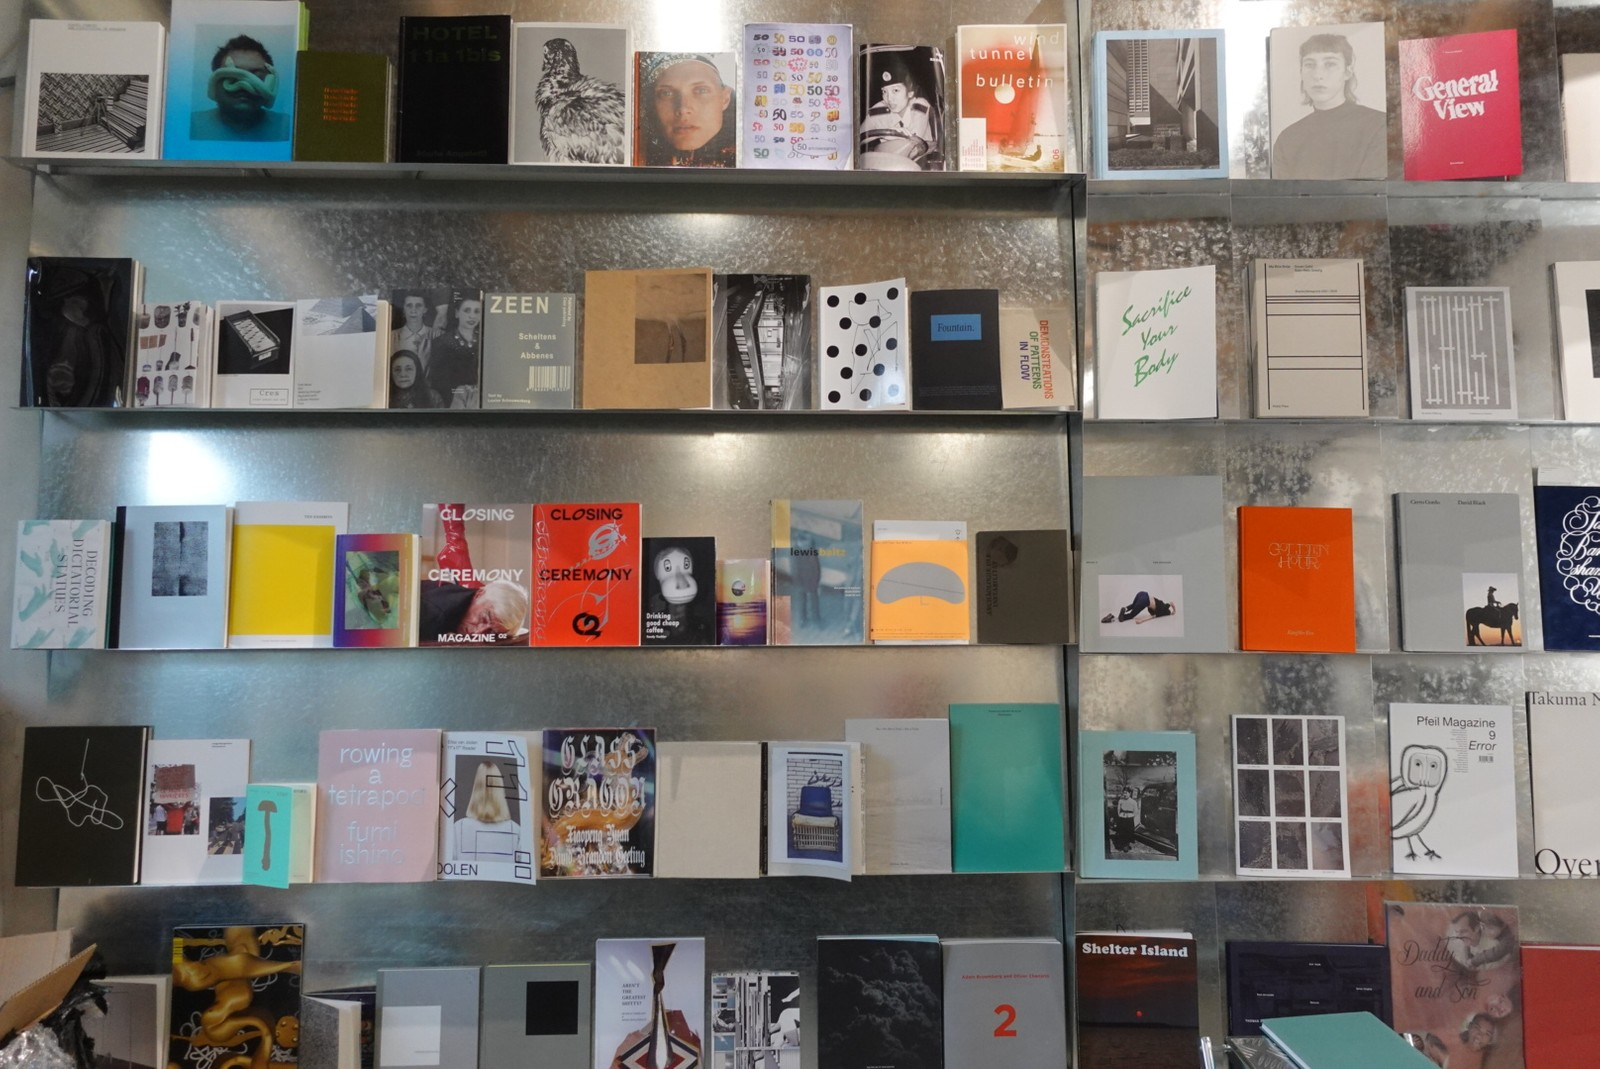 4 位独立出版业内人推荐 10 本时尚、创意类书籍,并畅谈国内独立书店的发展前景